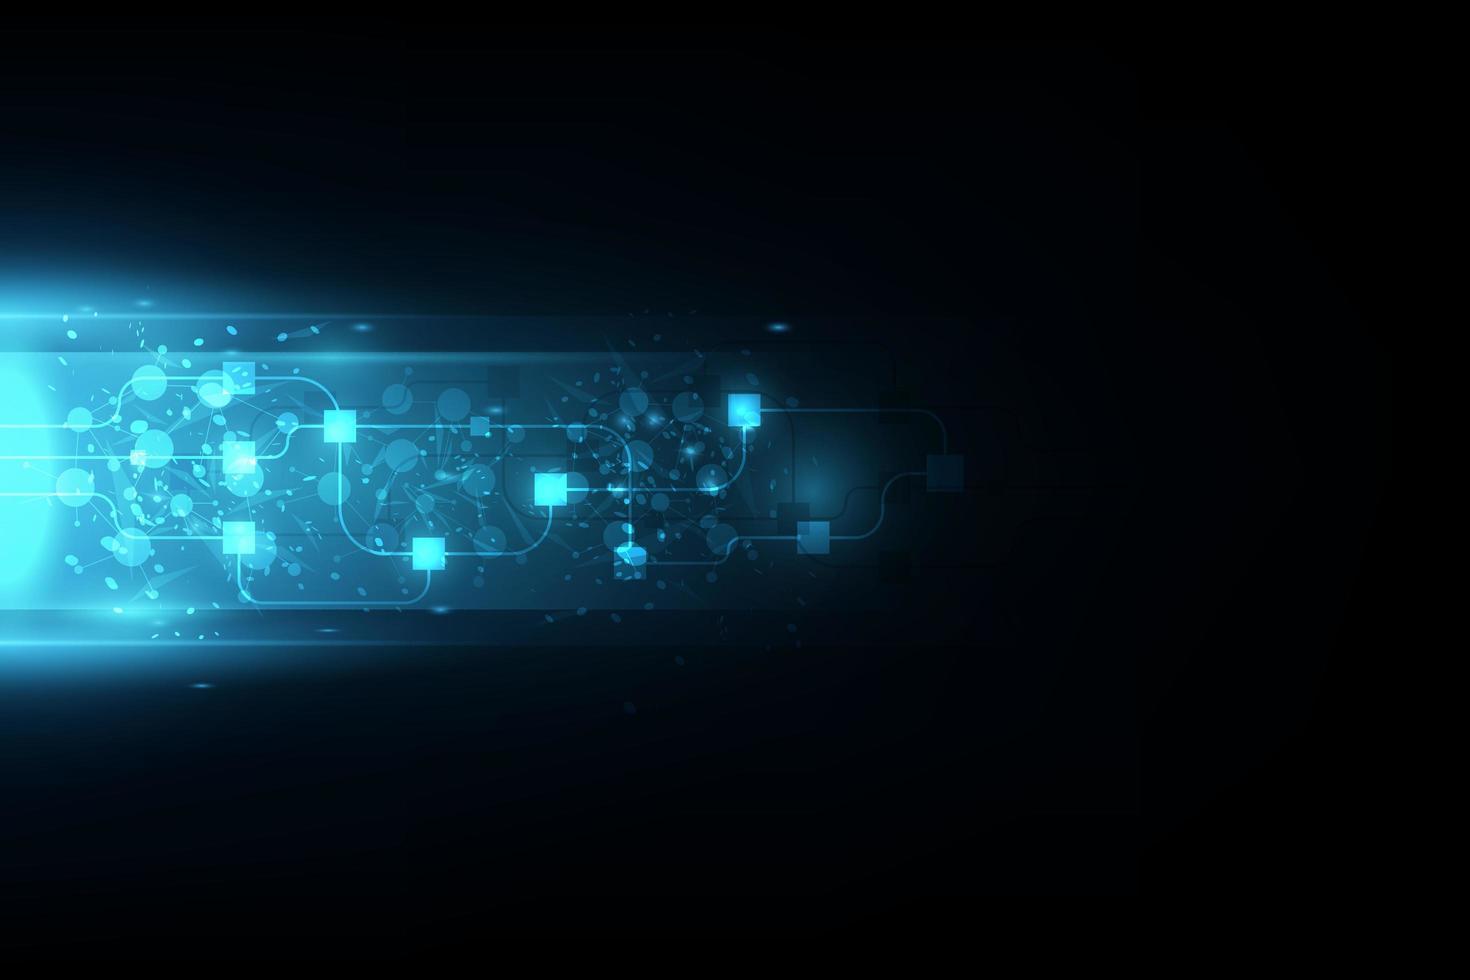 Vector abstracto tecnología futura, fondo de telecomunicaciones eléctricas